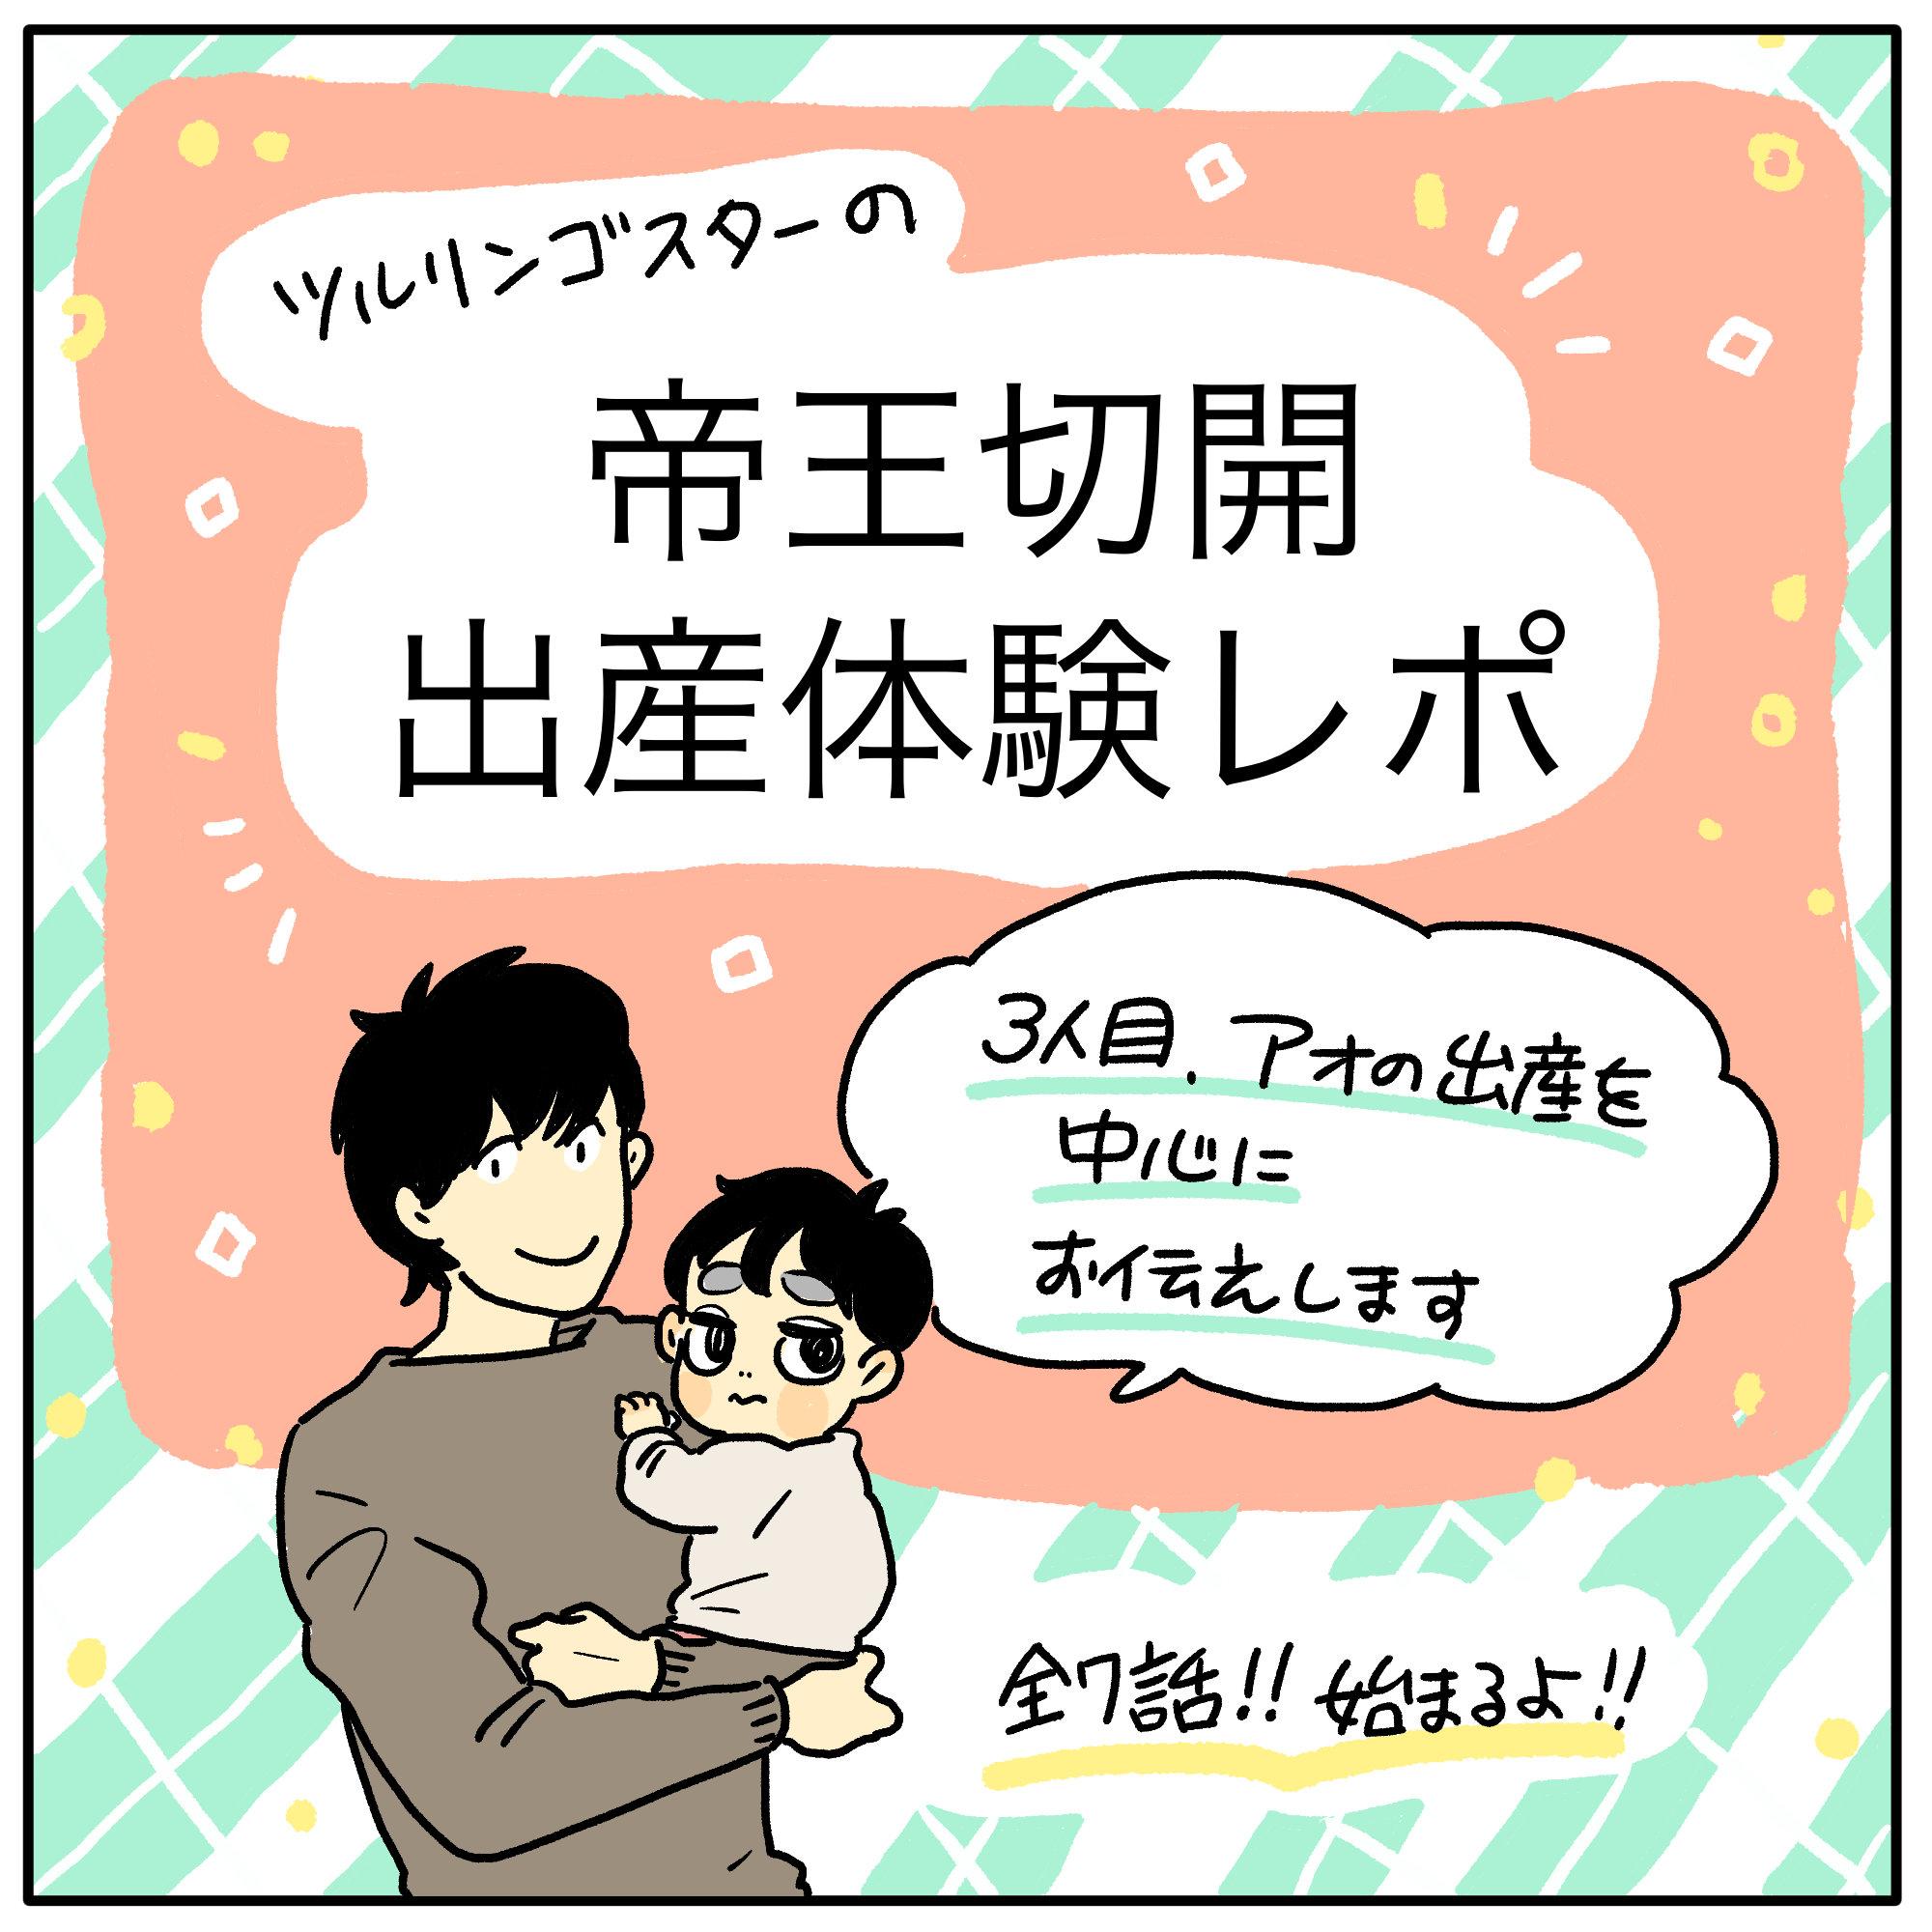 #1 今日からスタート!【出産体験レポ漫画】7日連続配信します!